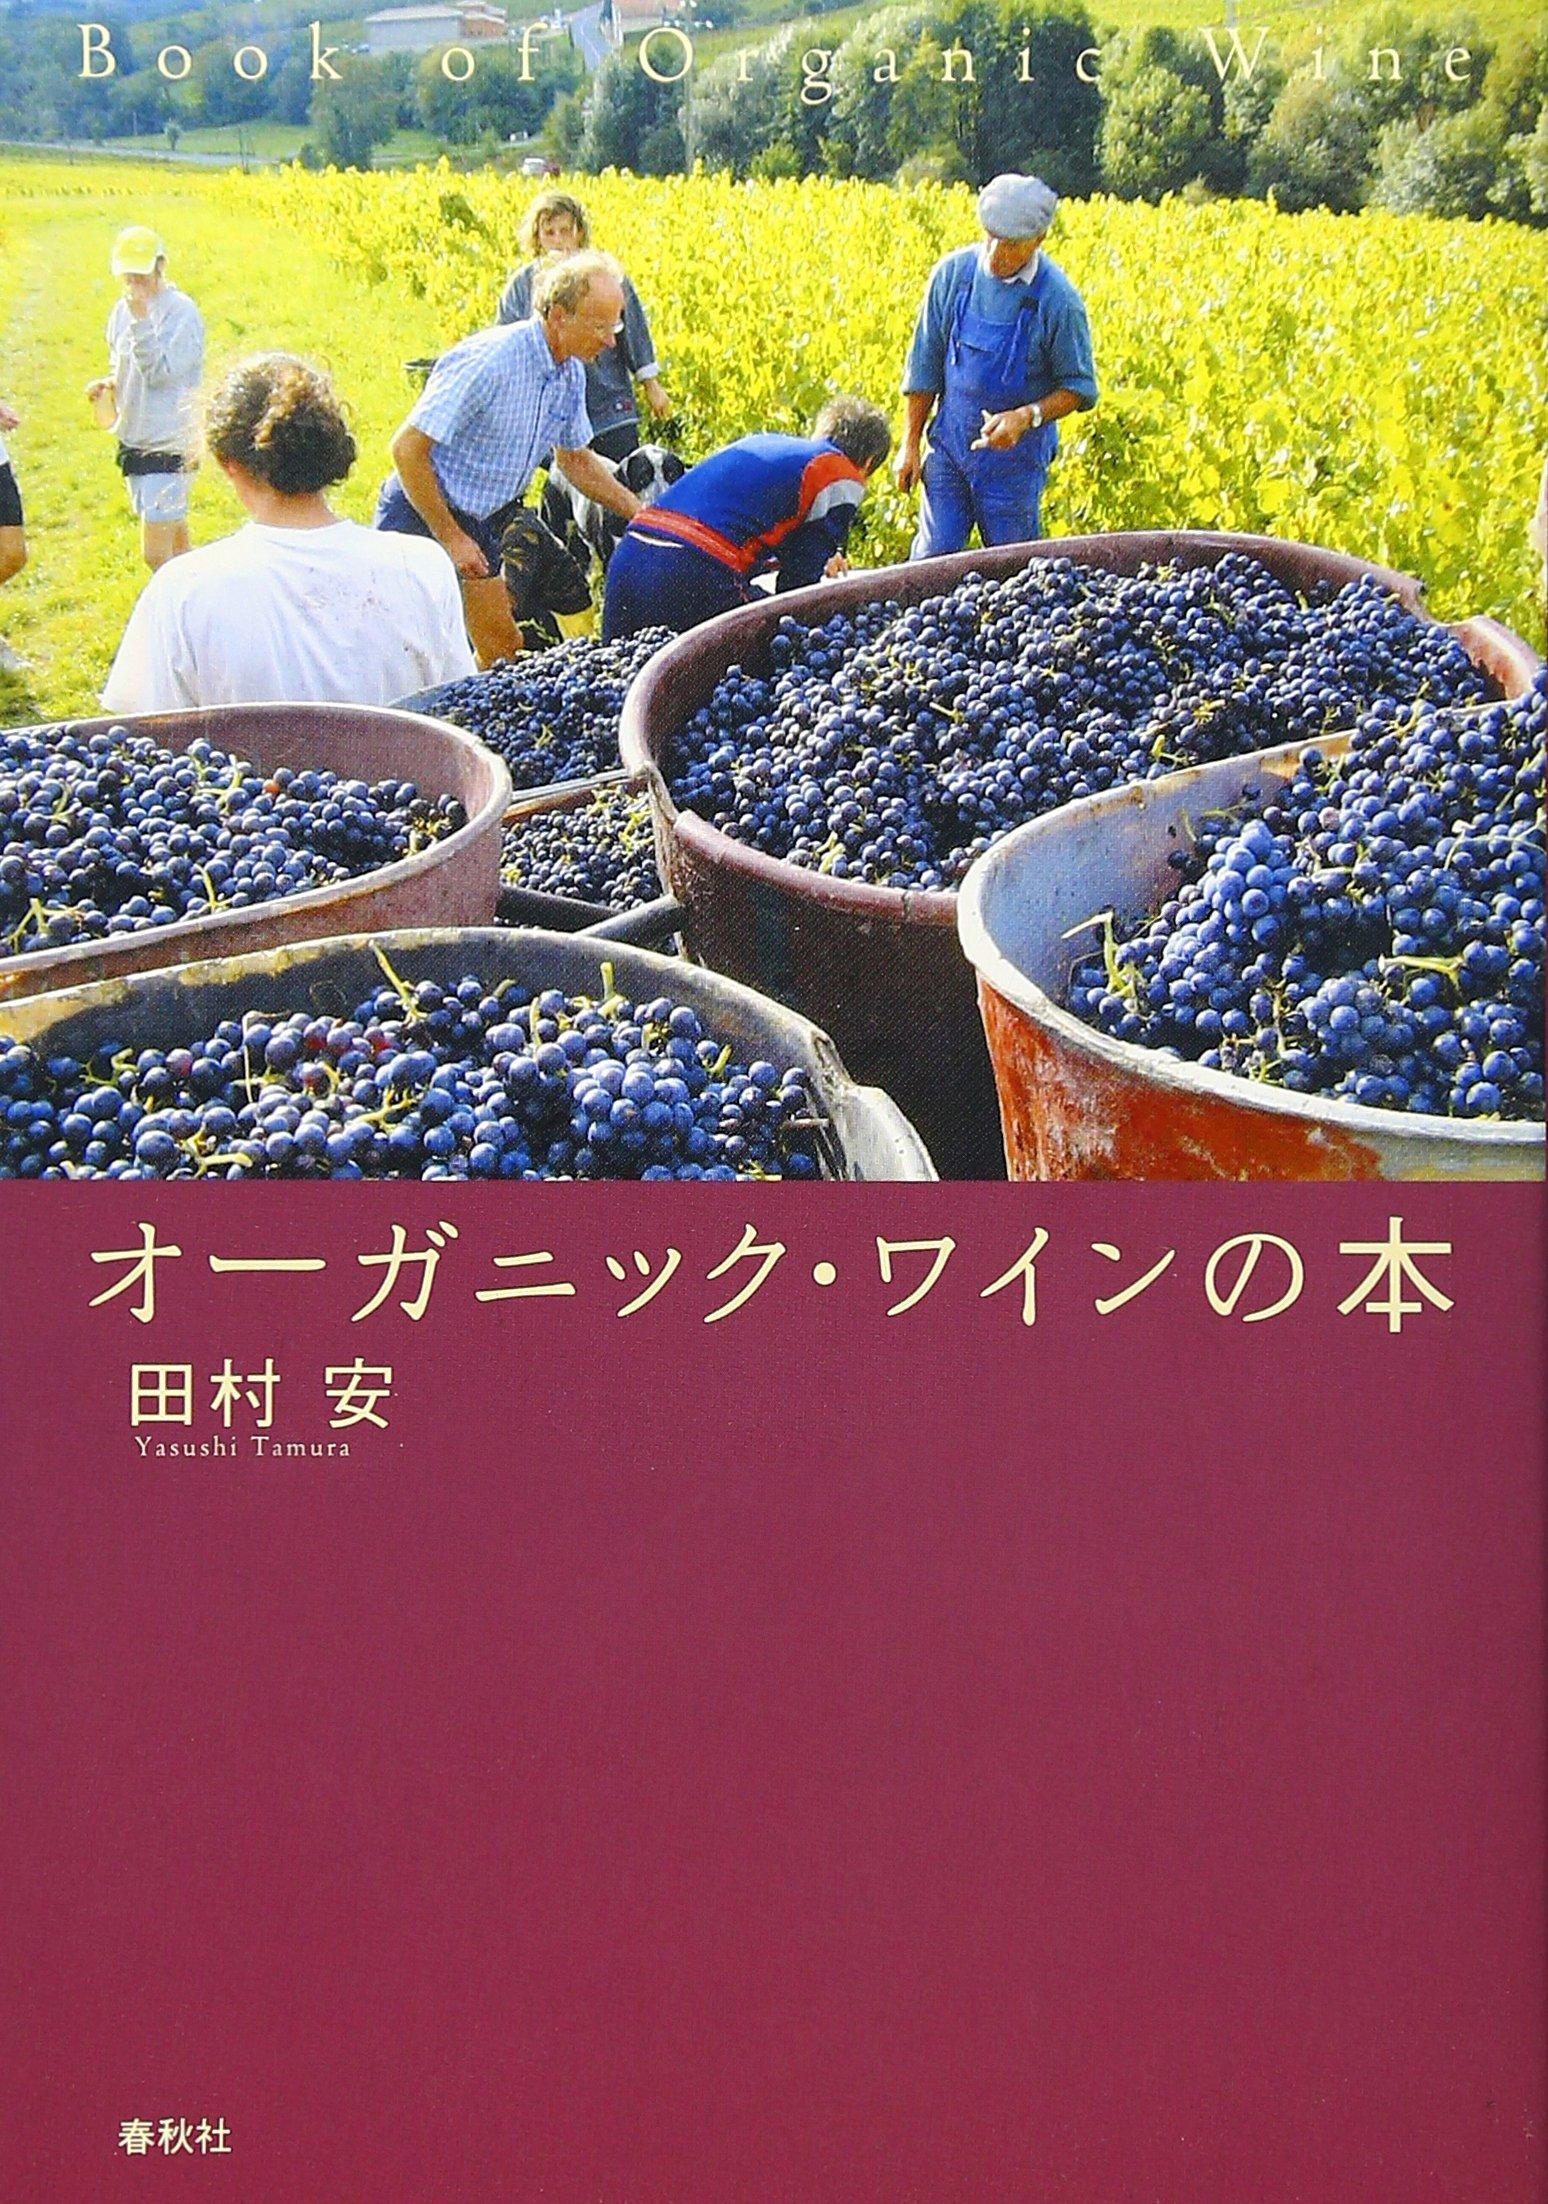 田村安 オーガニック・ワインの本